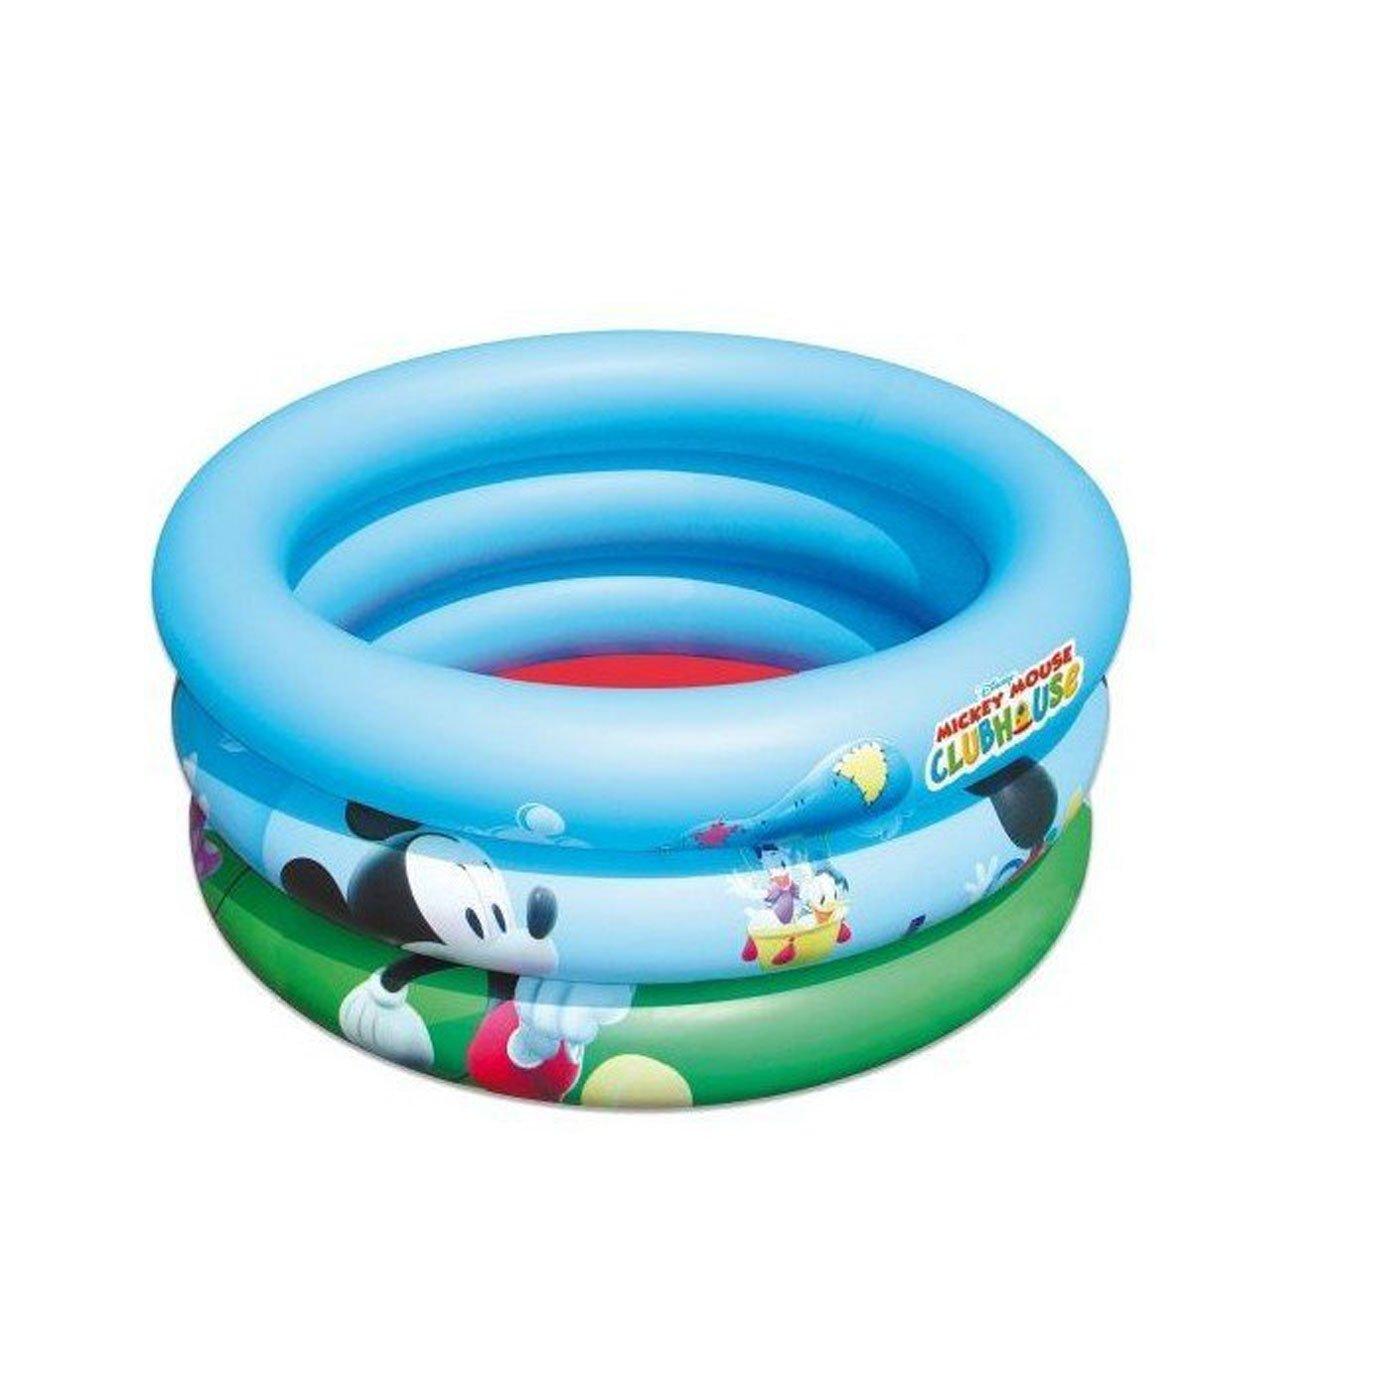 Piscina Hinchable Infantil Mickey Mouse 30 x 70 cm - Disney: Amazon.es: Juguetes y juegos